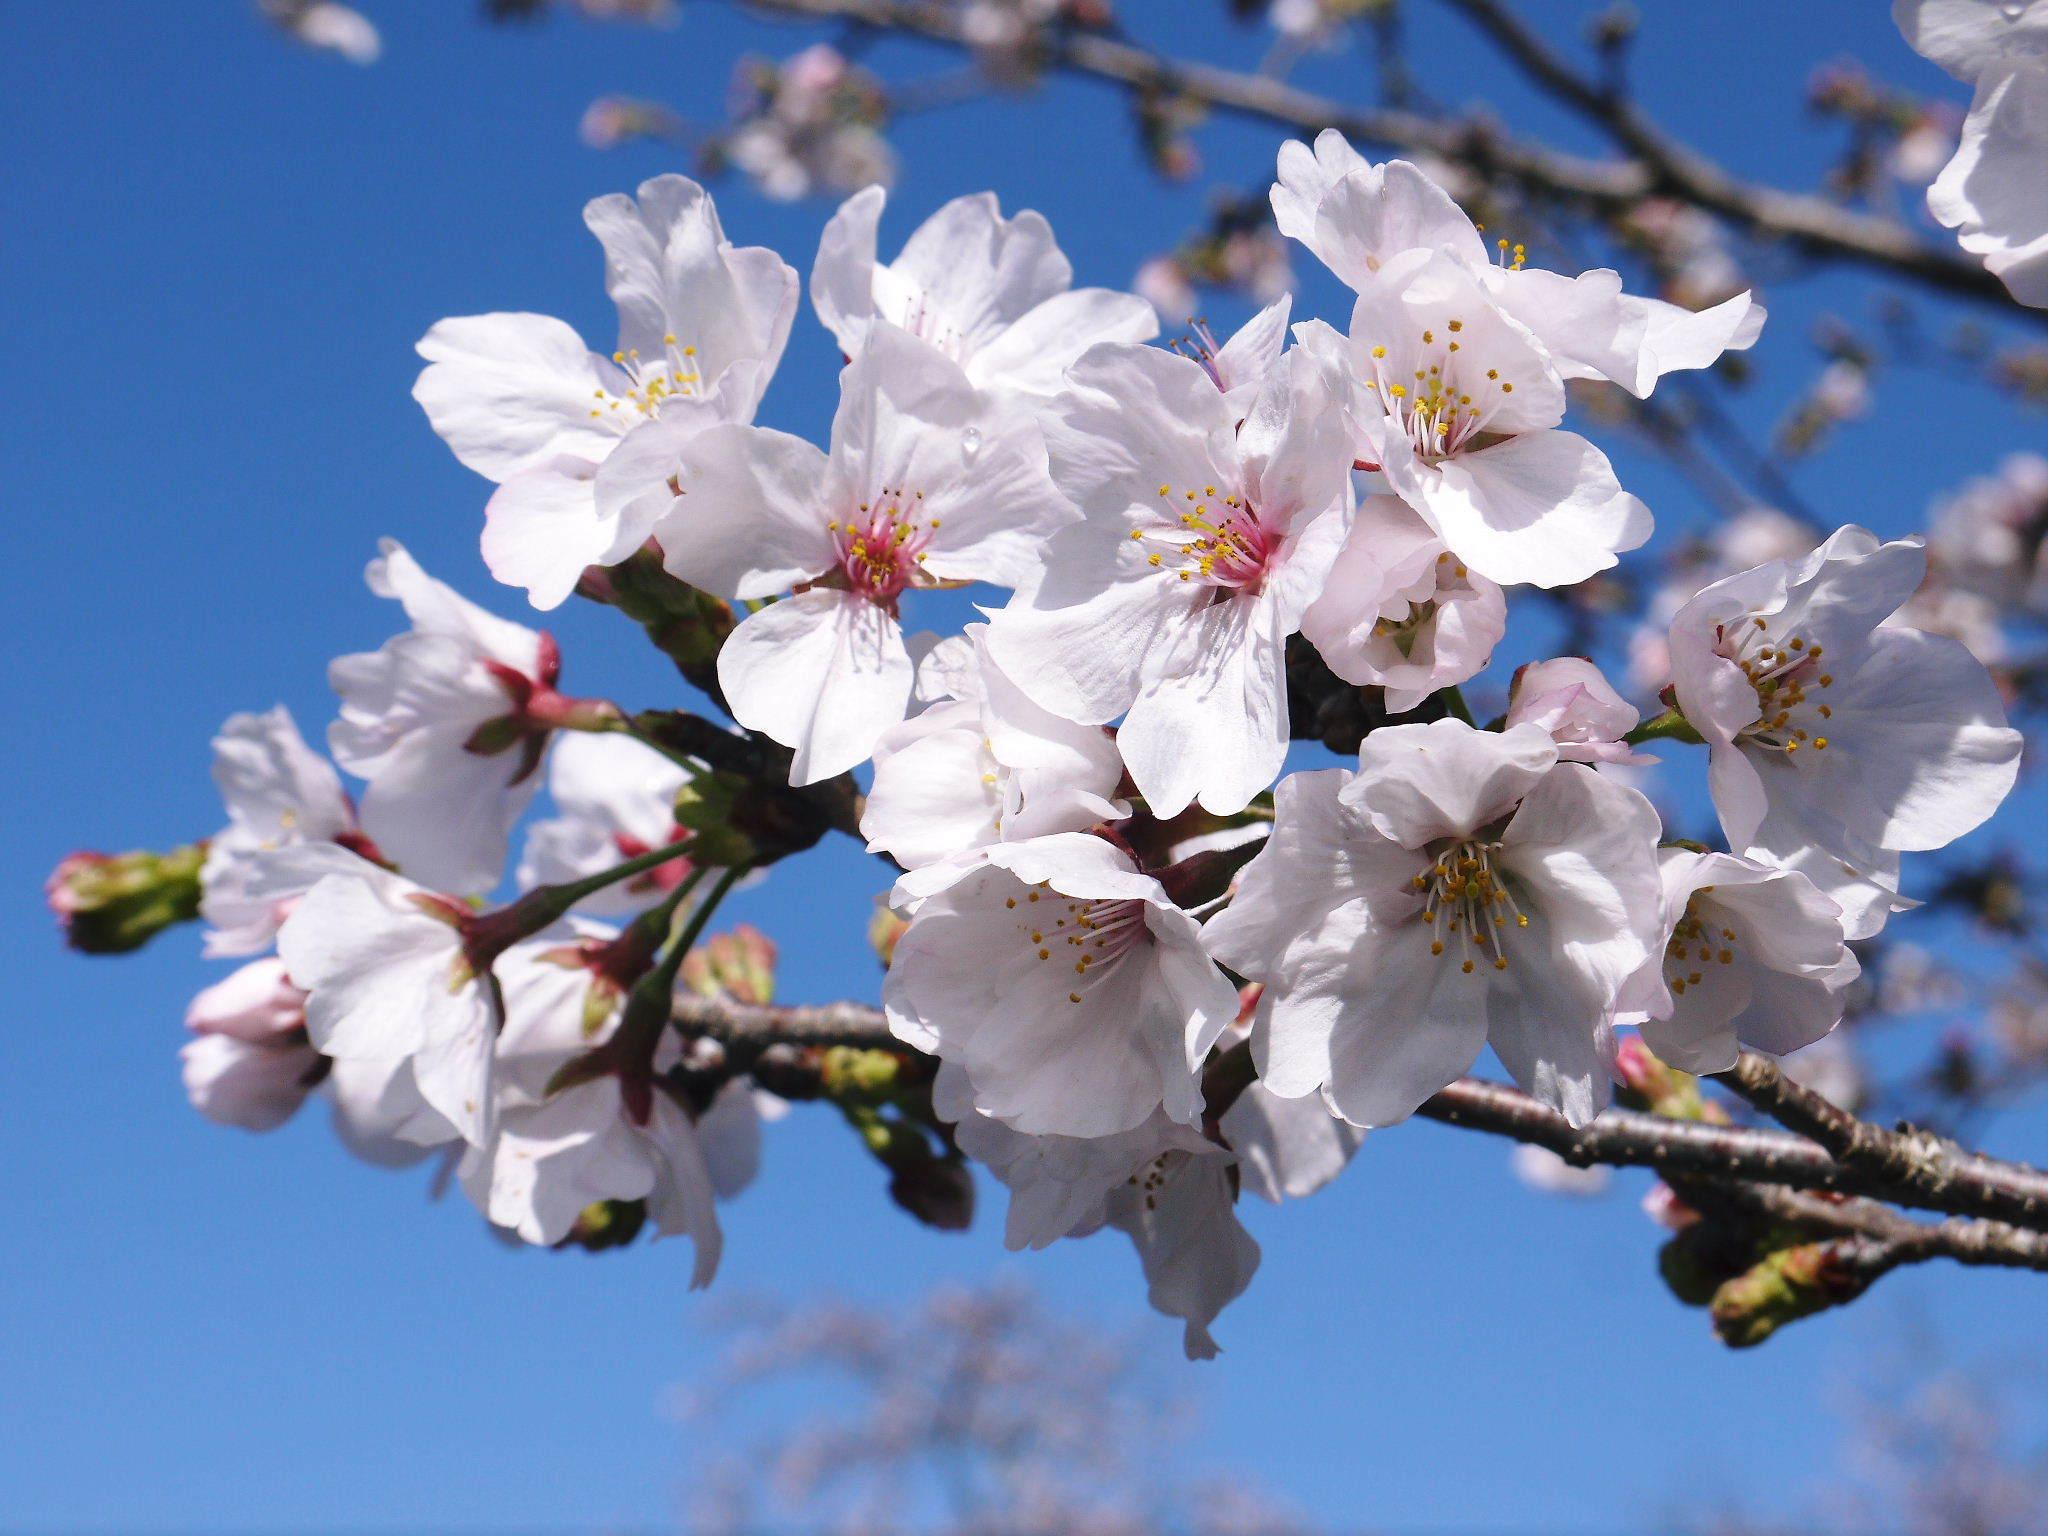 菊池公園、菊池神社の桜photoコレクション 2020_a0254656_18161664.jpg